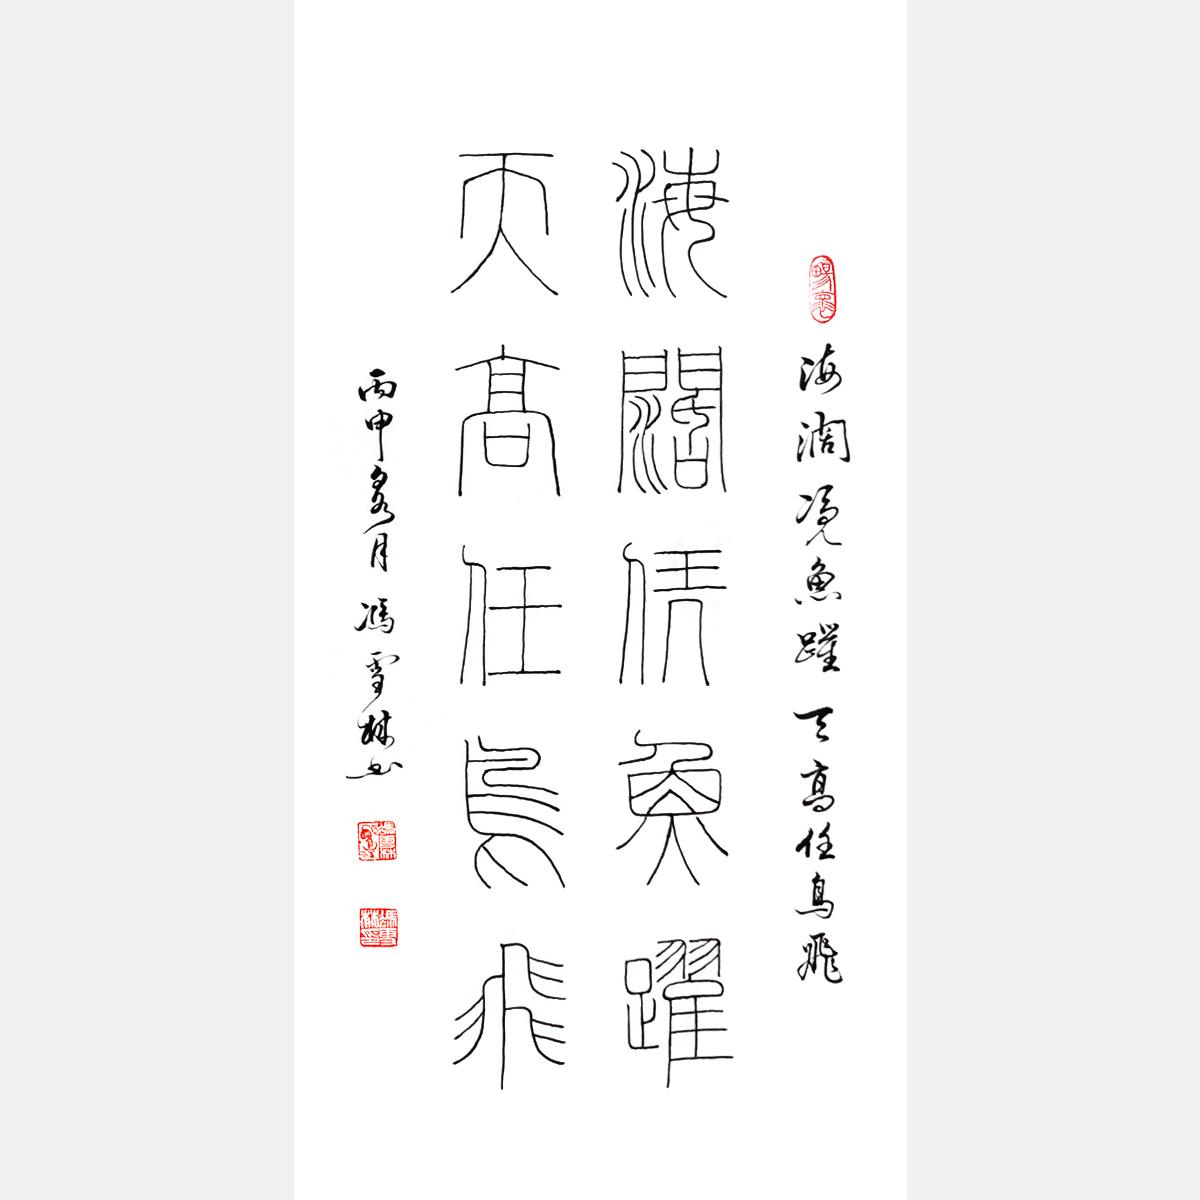 冯雪林篆书对联 海阔凭鱼跃,天高任鸟飞。 铁线篆书法作品